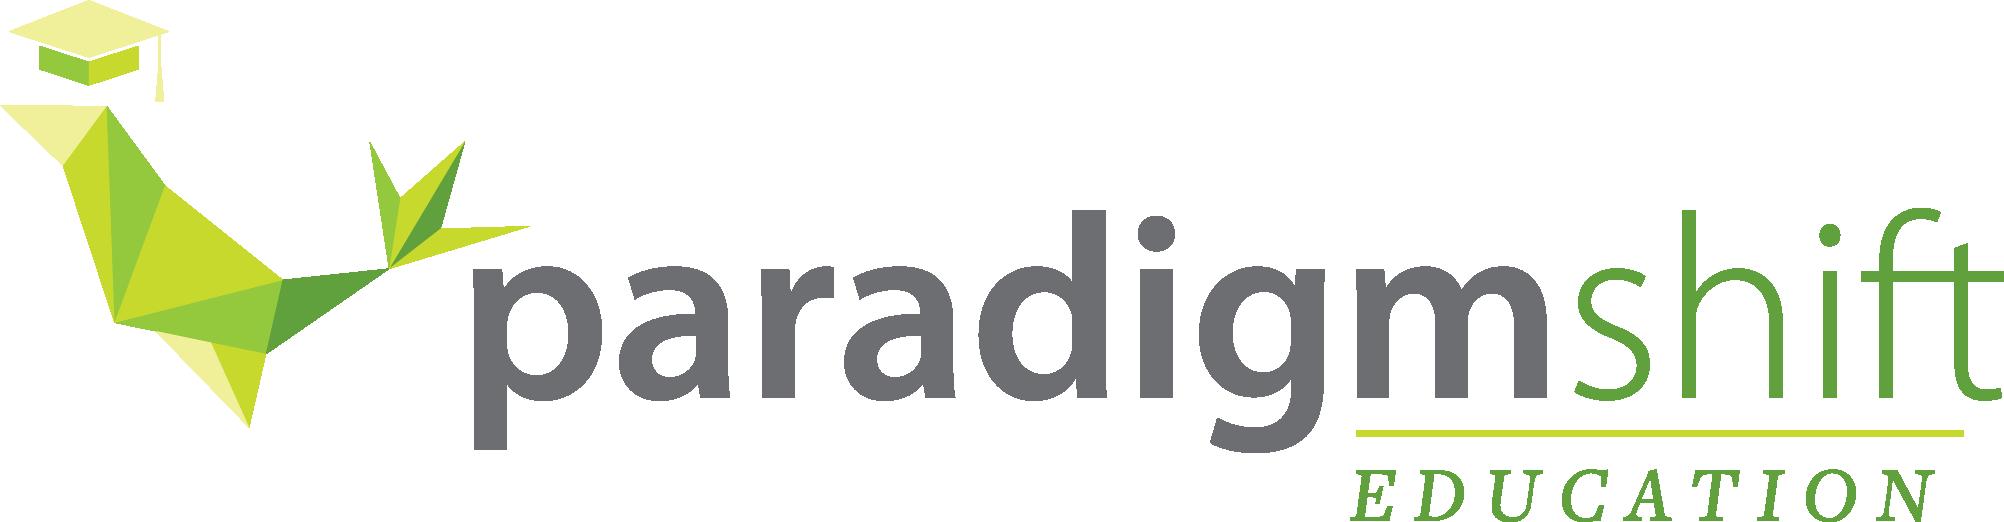 Paradisgm Shift, LLC